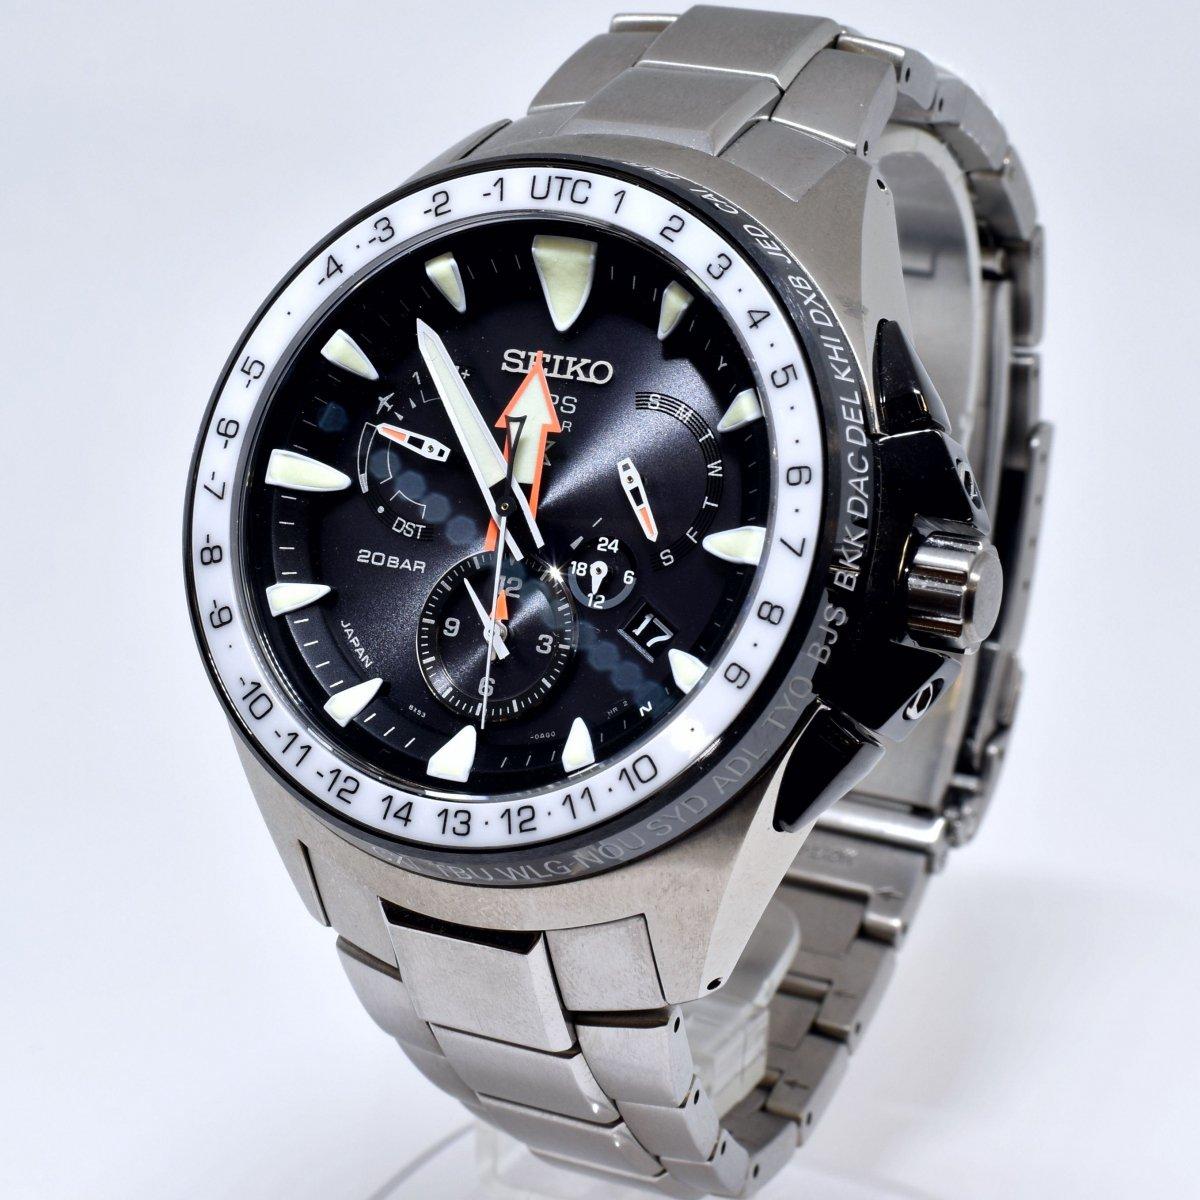 セイコー/プロスペックス/マリーンマスター/オーシャンクルーザー/8X53-0AL0-2/SBED003/GPSソーラー/腕時計/国産/定価:約28万/男性用/メンズ↑